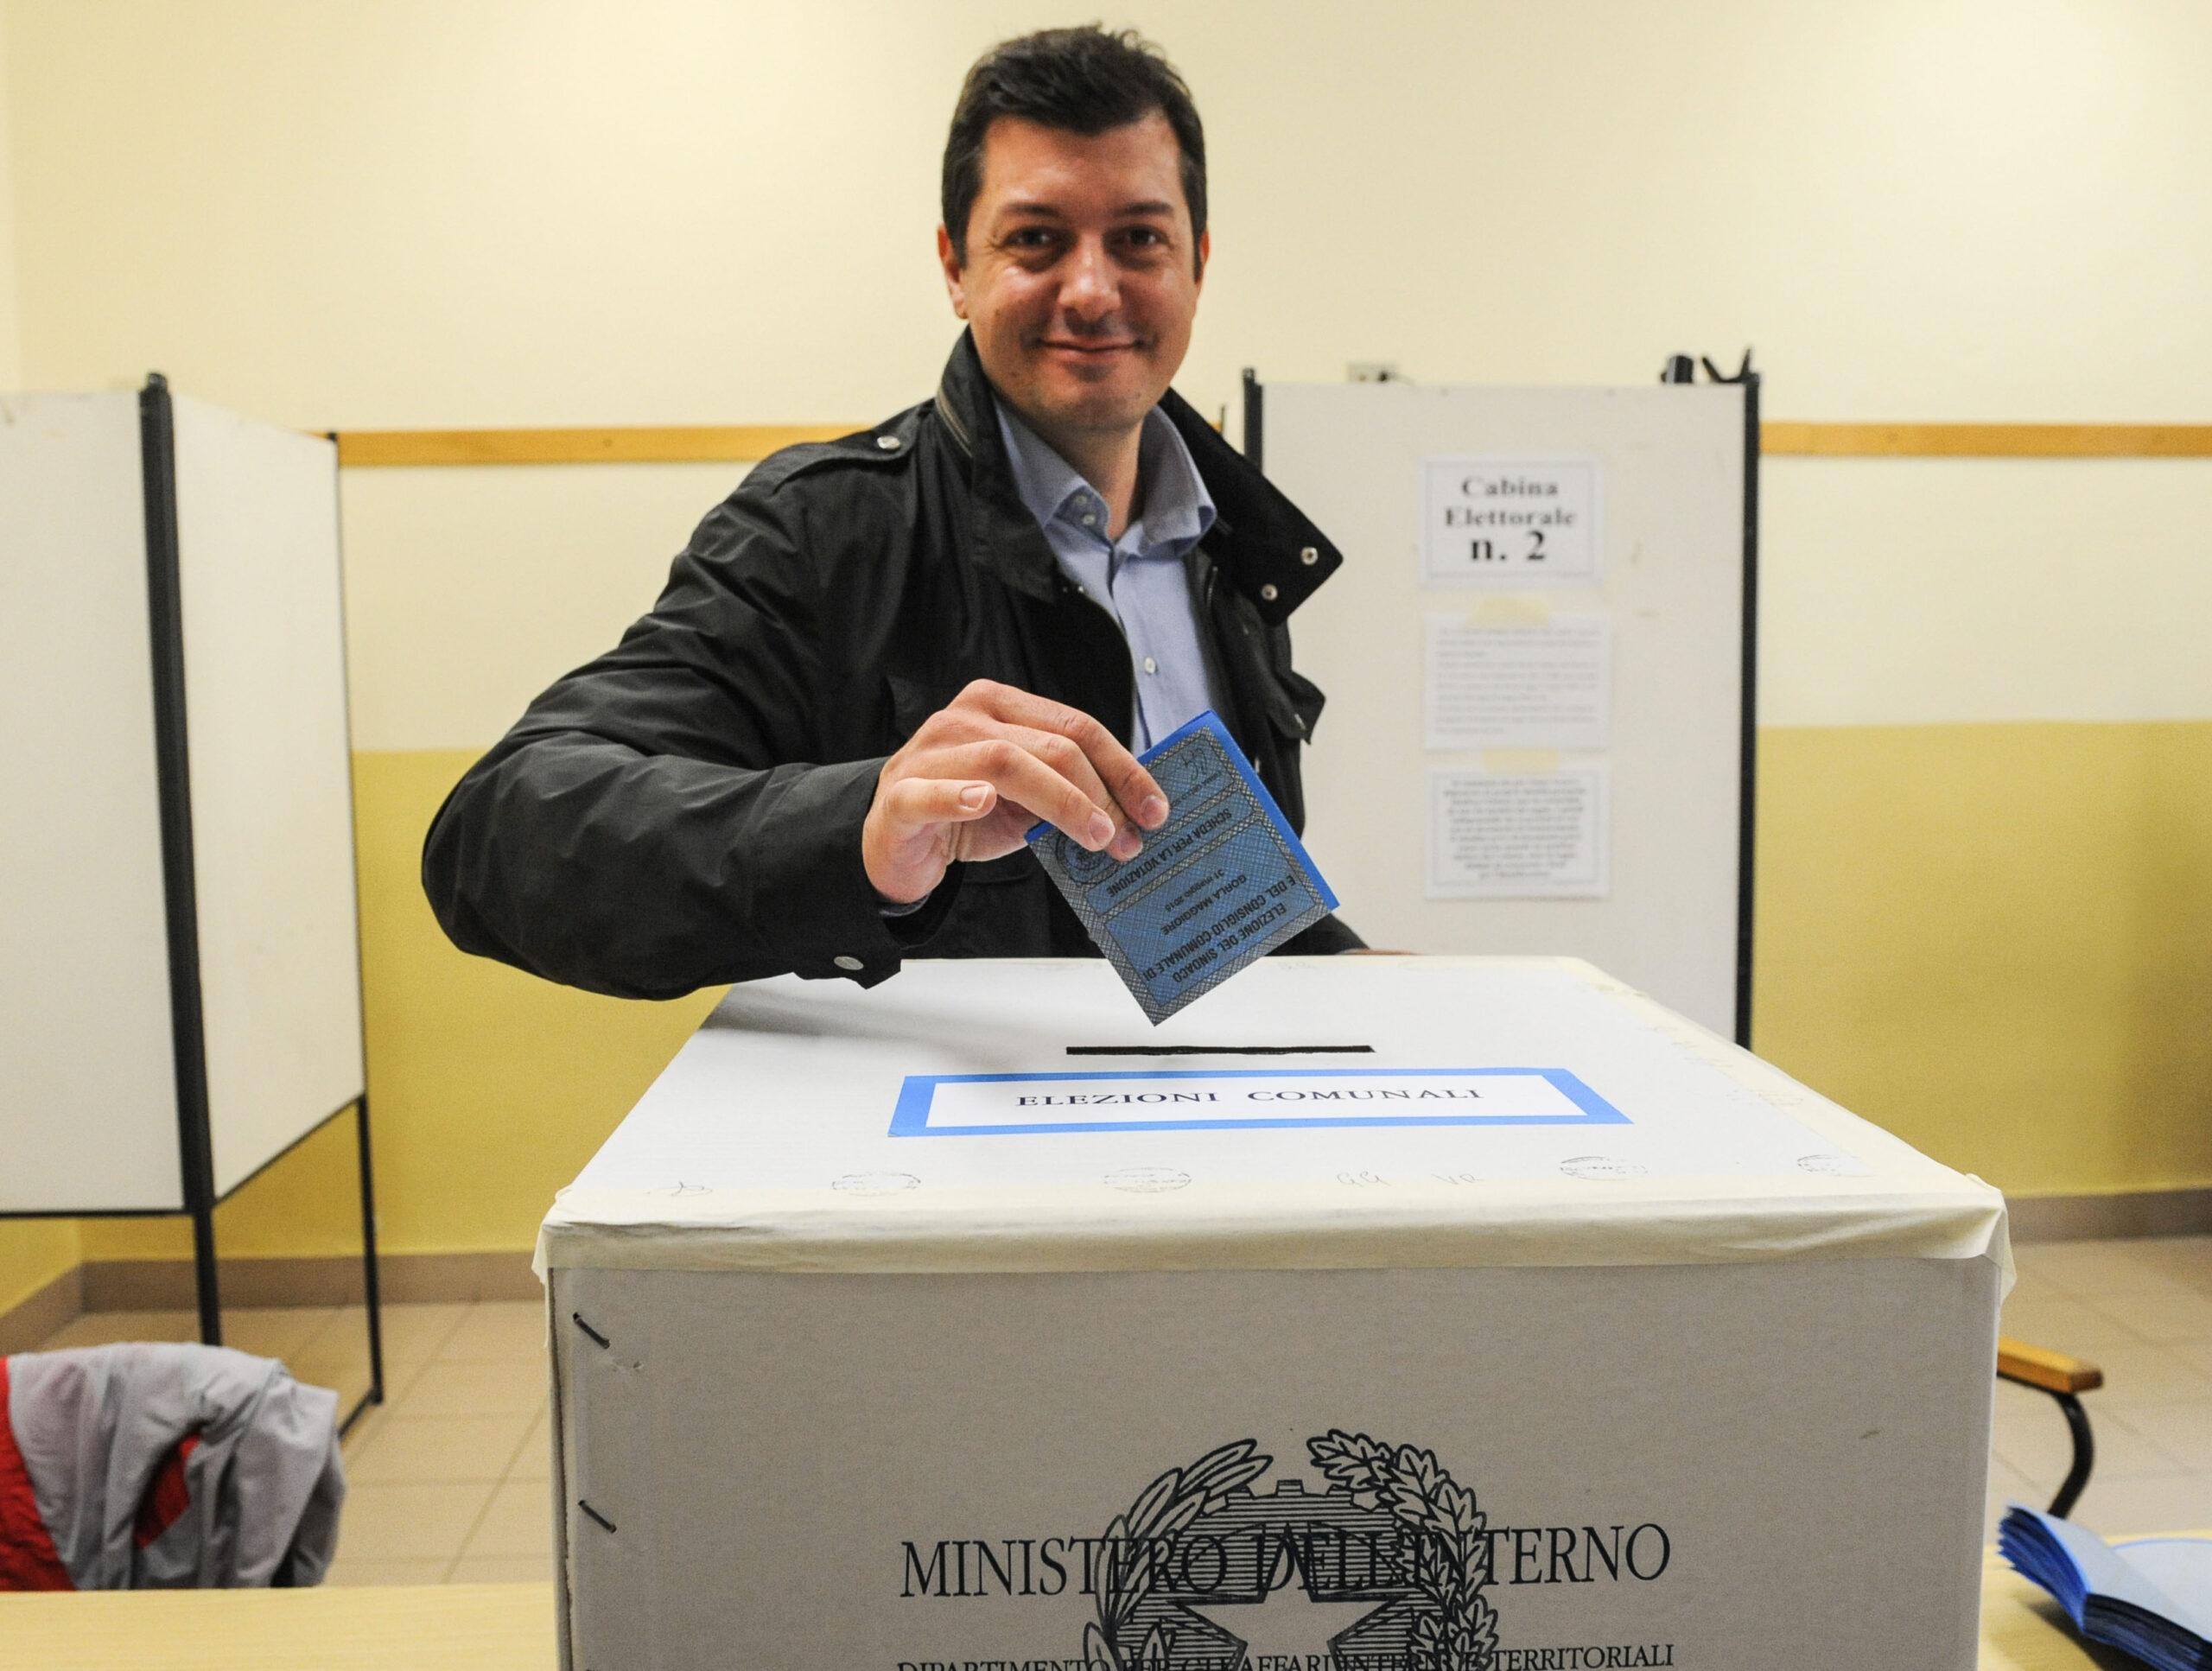 Candidato sindacO Gorla Maggiore Pietro Zappamiglio